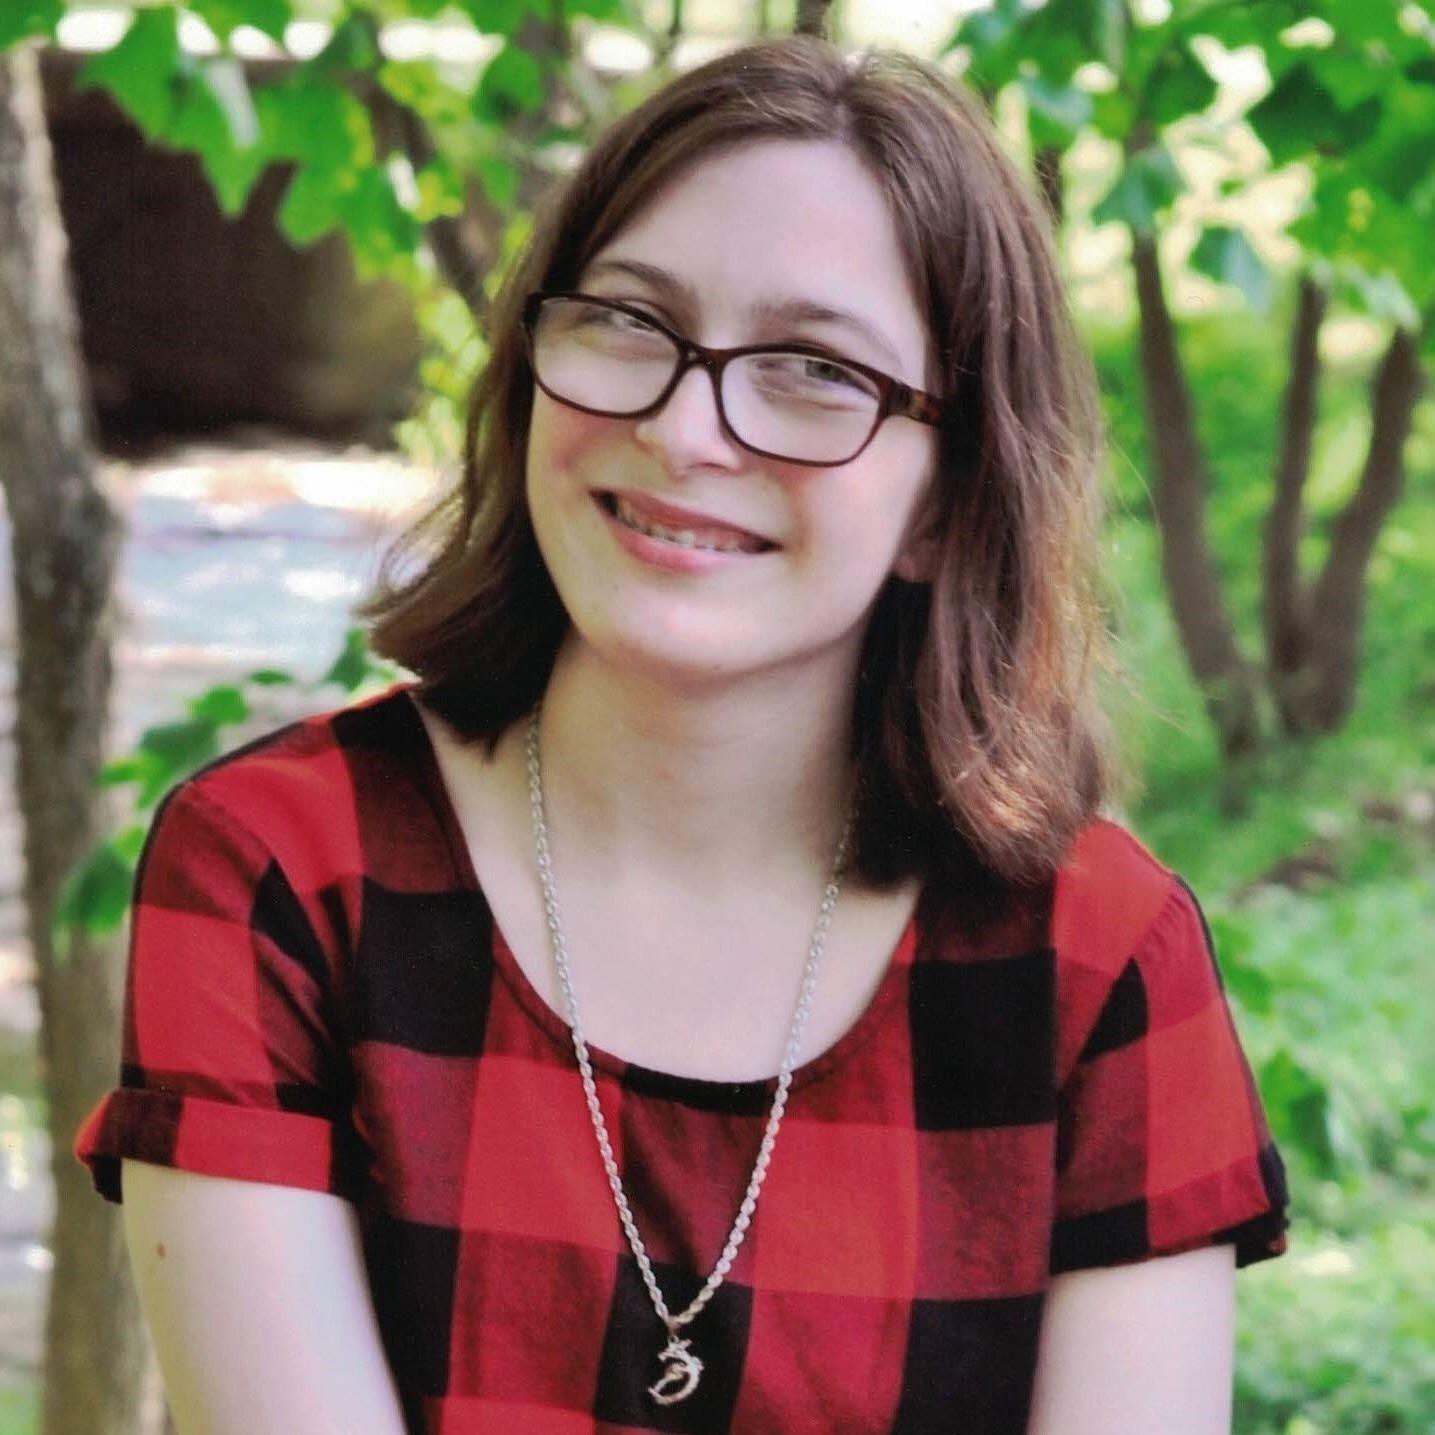 Katherine Wiles